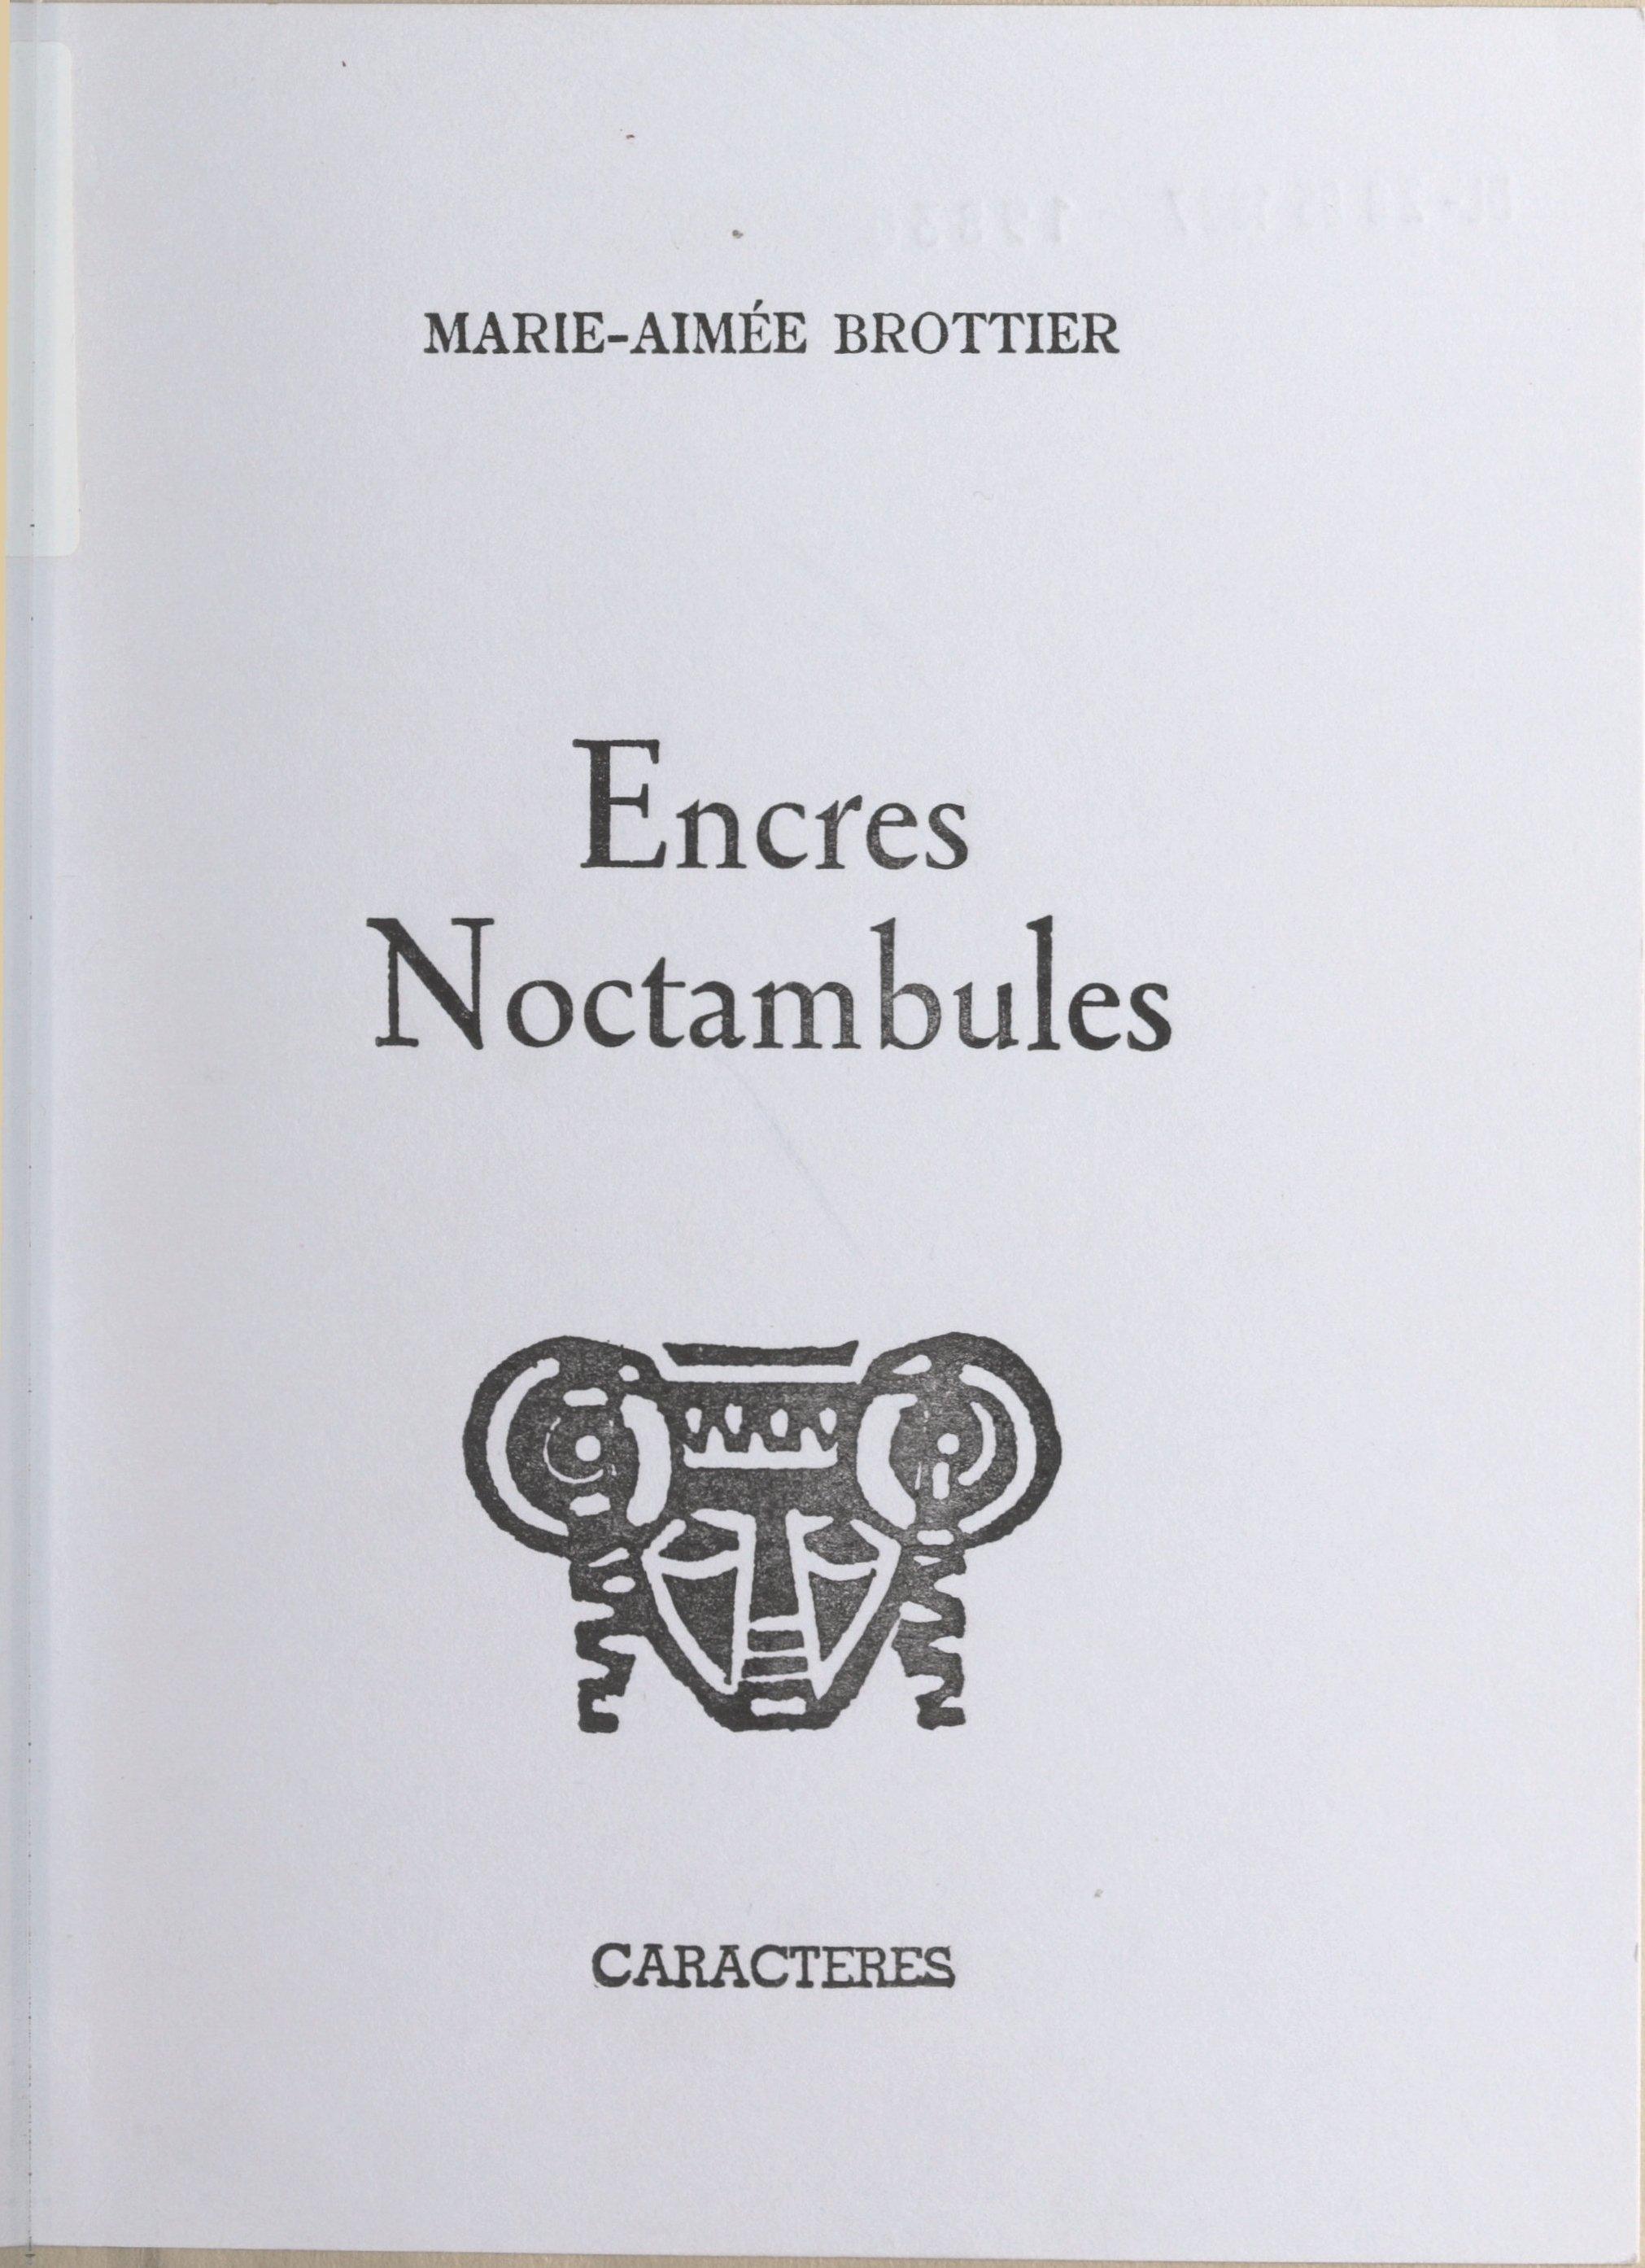 Encres noctambules